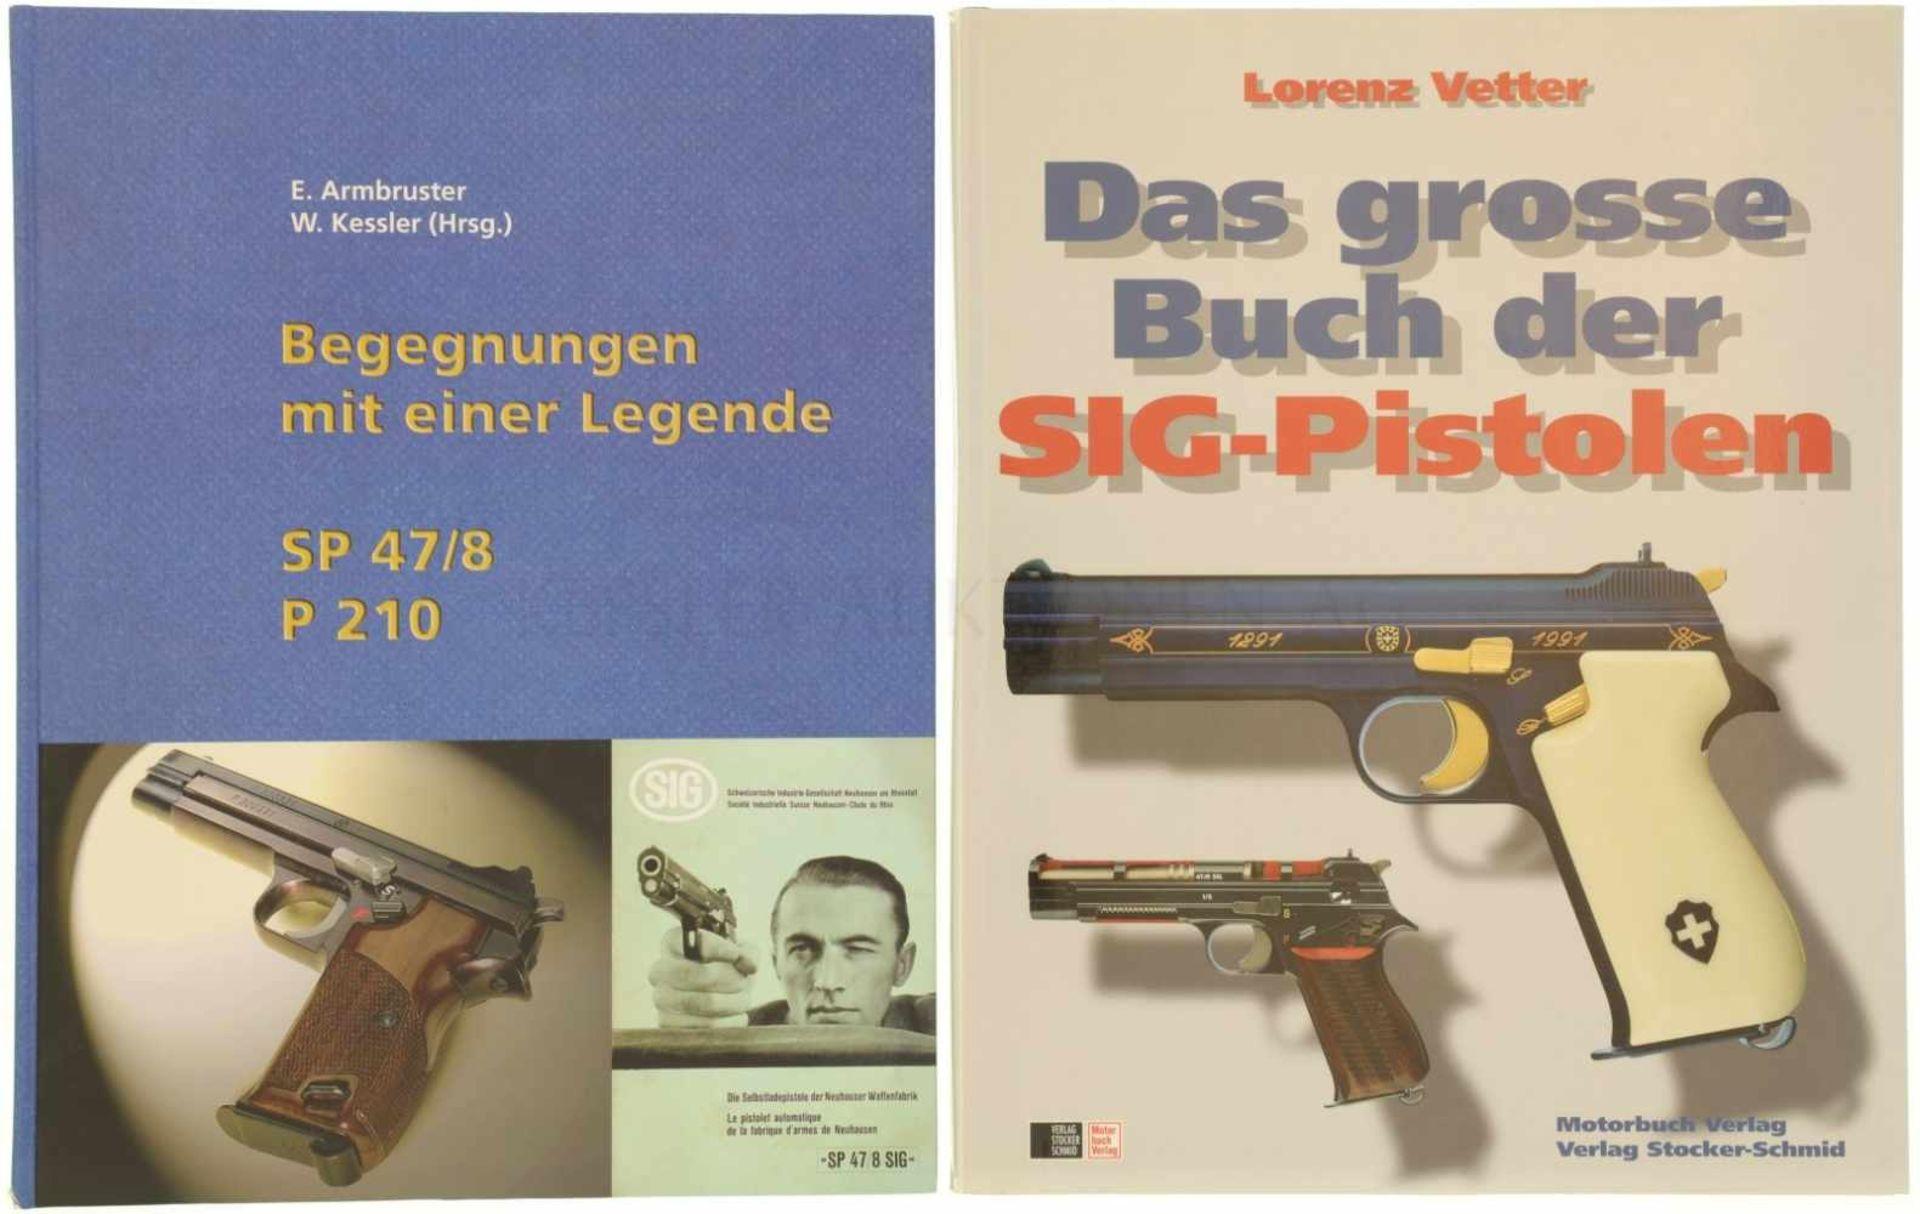 Konvolut von 2 Büchern 1. Begegnungen mit einer Legende, SP 47/8 P 210. Erwin Armbruster